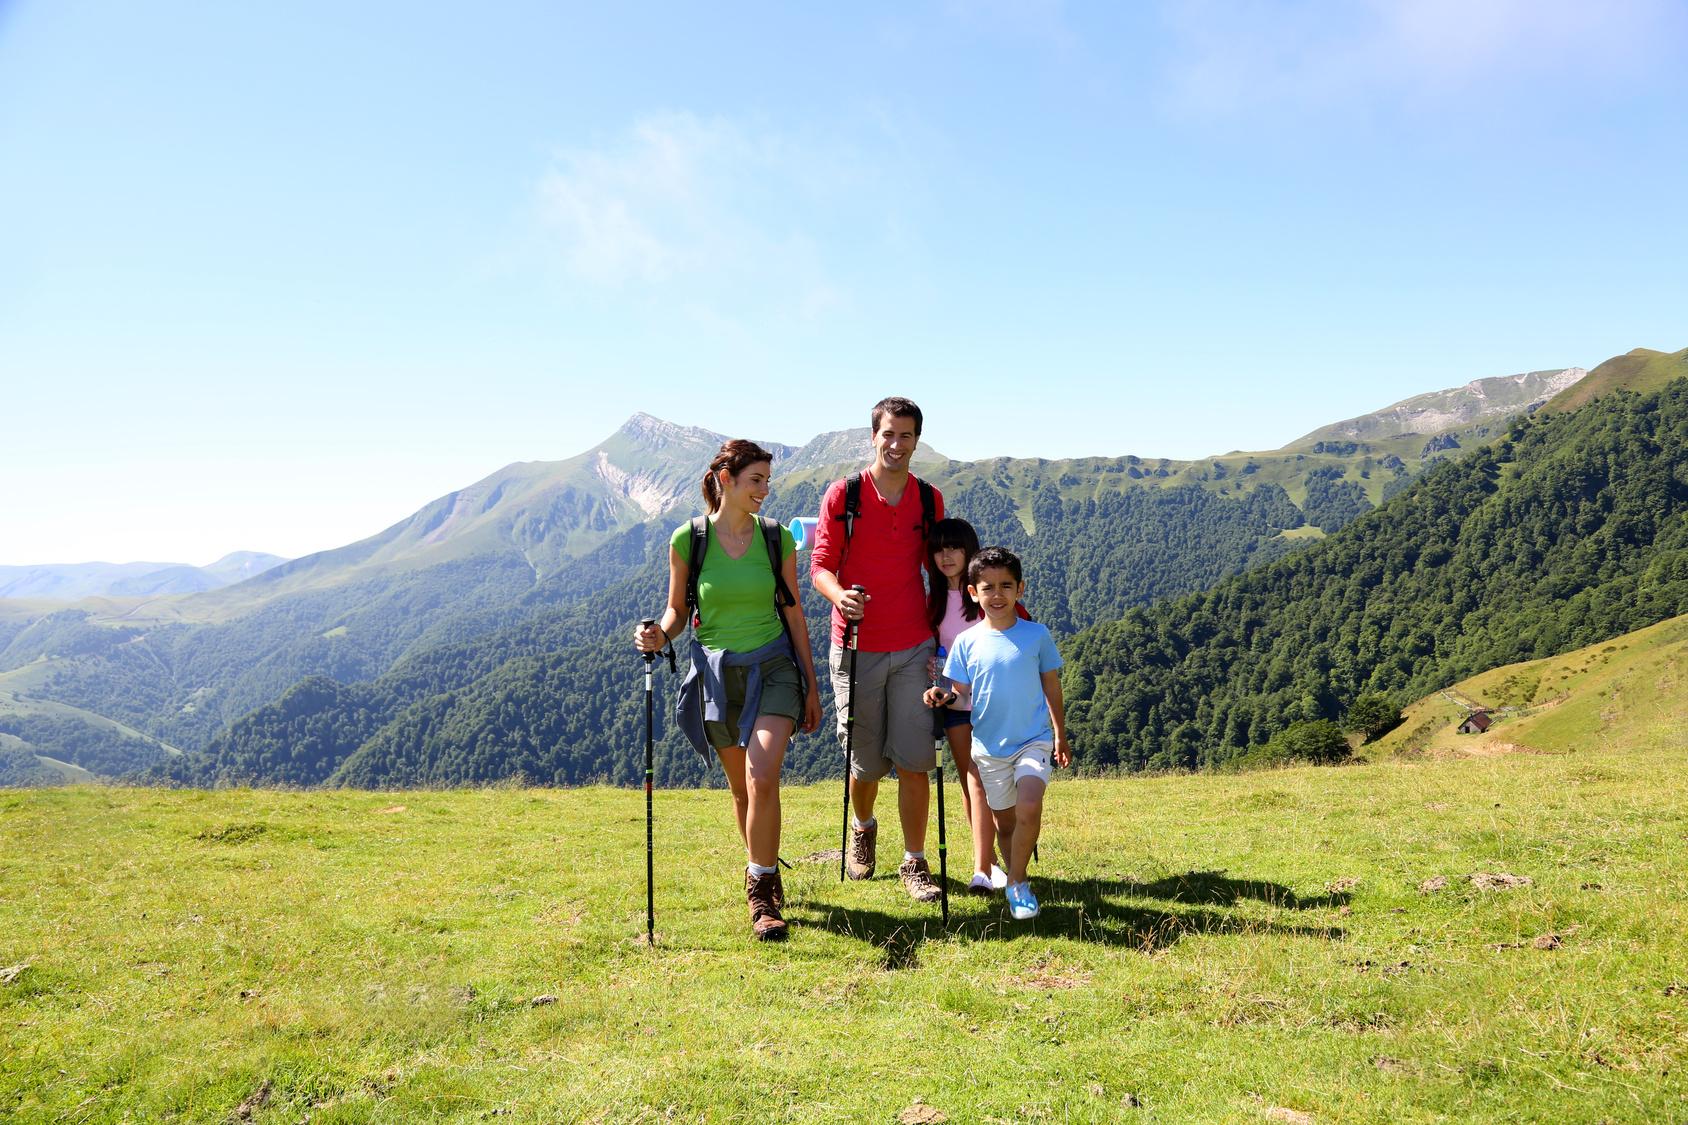 La montagne en t un plaisir l 39 tat pur d couvrir absolument - Vacances en montagne locati architectes ...